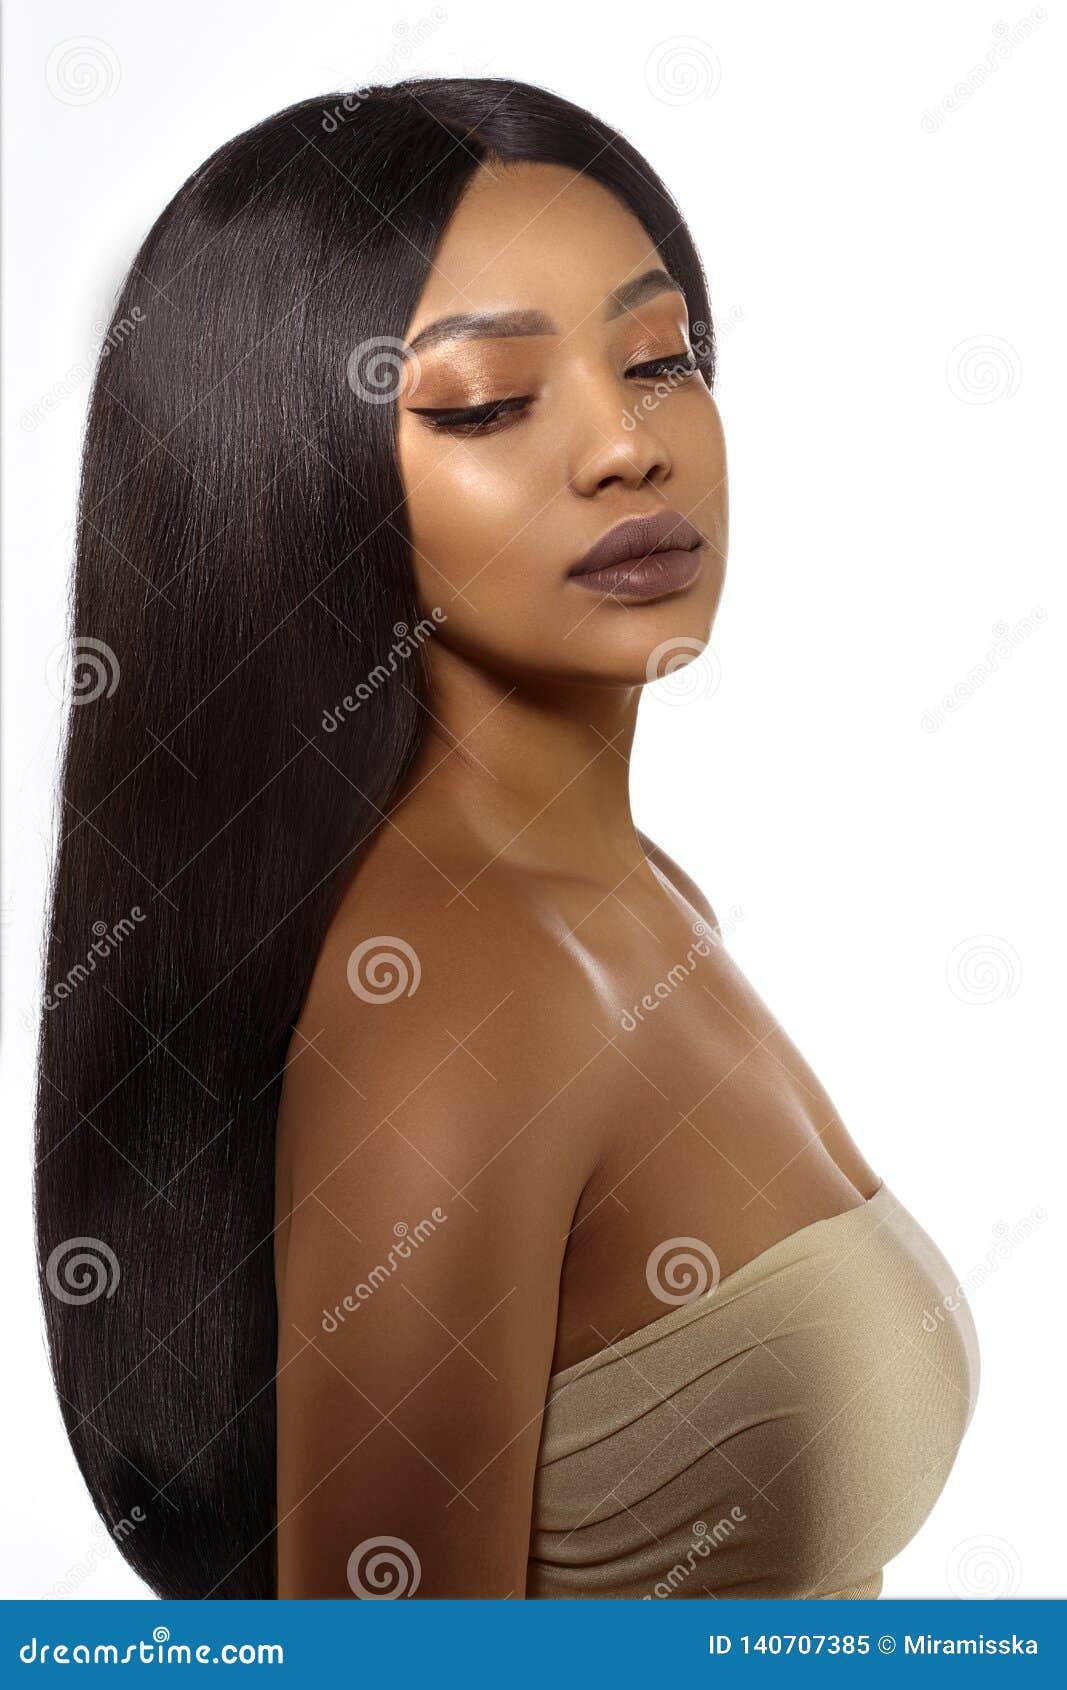 Μαύρη γυναίκα δερμάτων ομορφιάς στη SPA Αφρικανικό εθνικό θηλυκό πρόσωπο Νέο πρότυπο αφροαμερικάνων με μακρυμάλλη